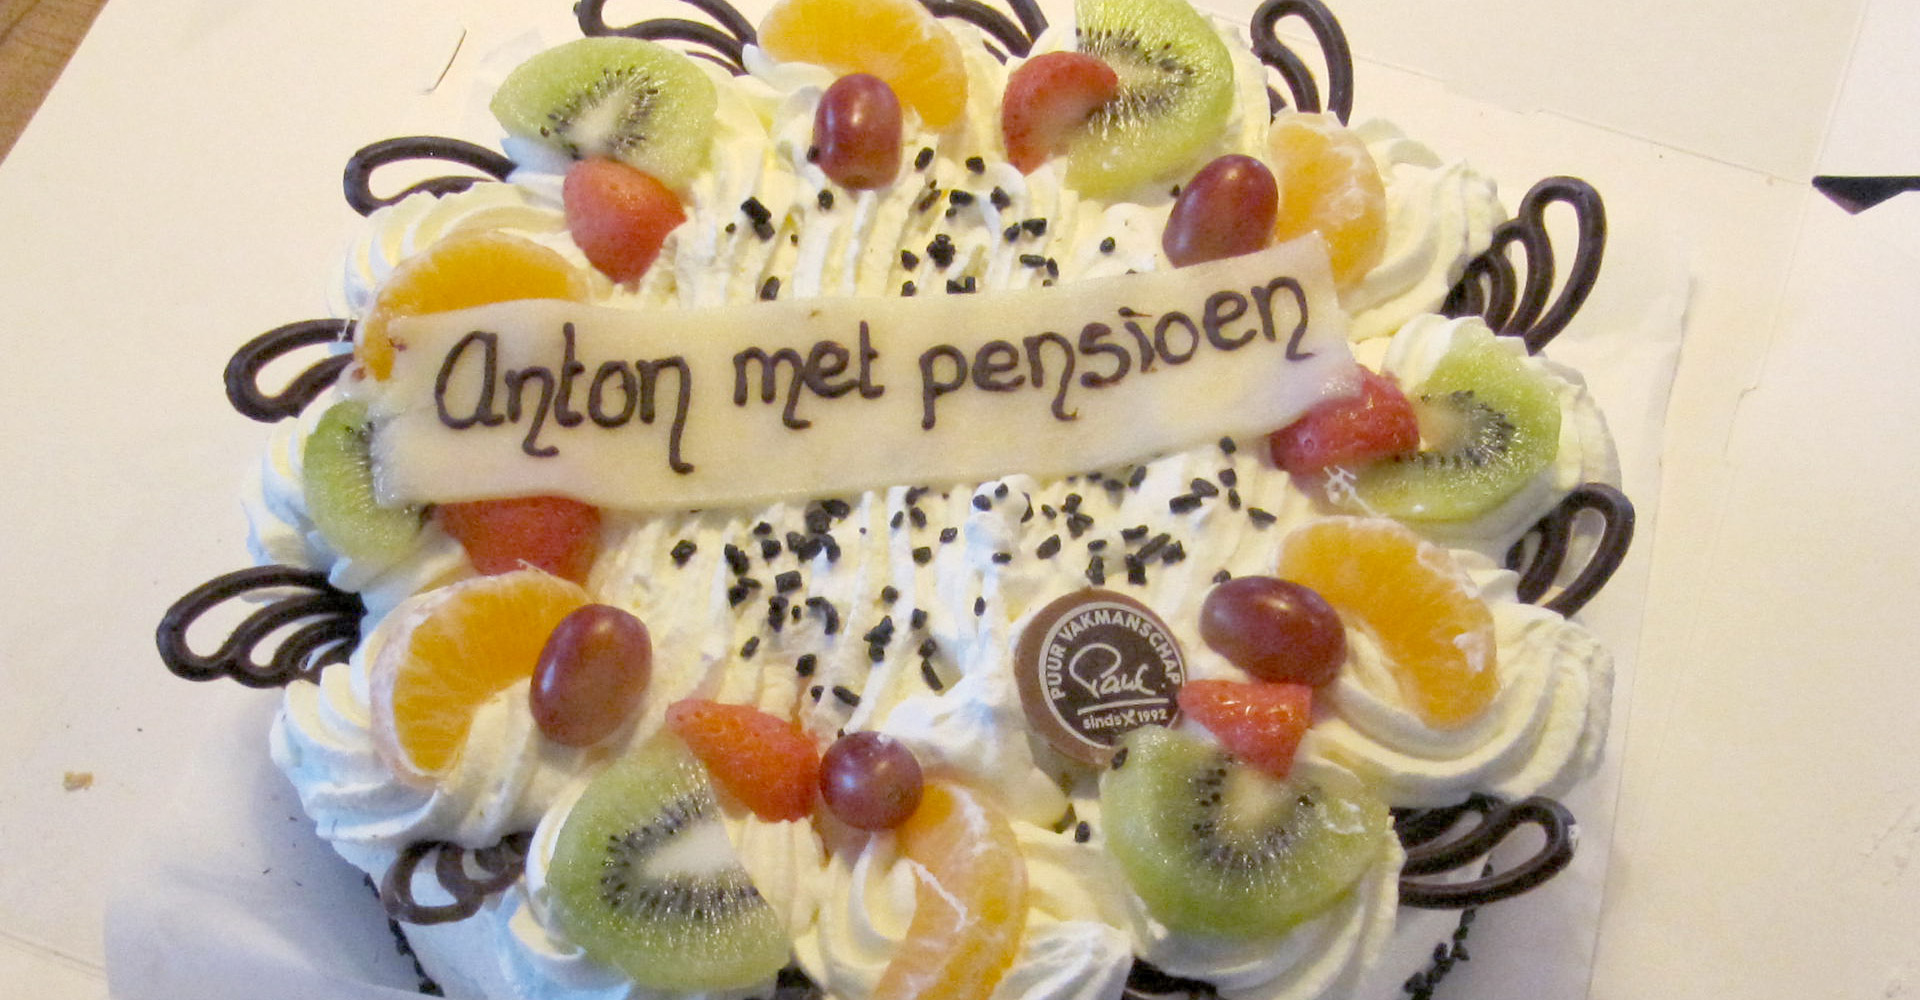 tvd_anton_lenderink_pensioen